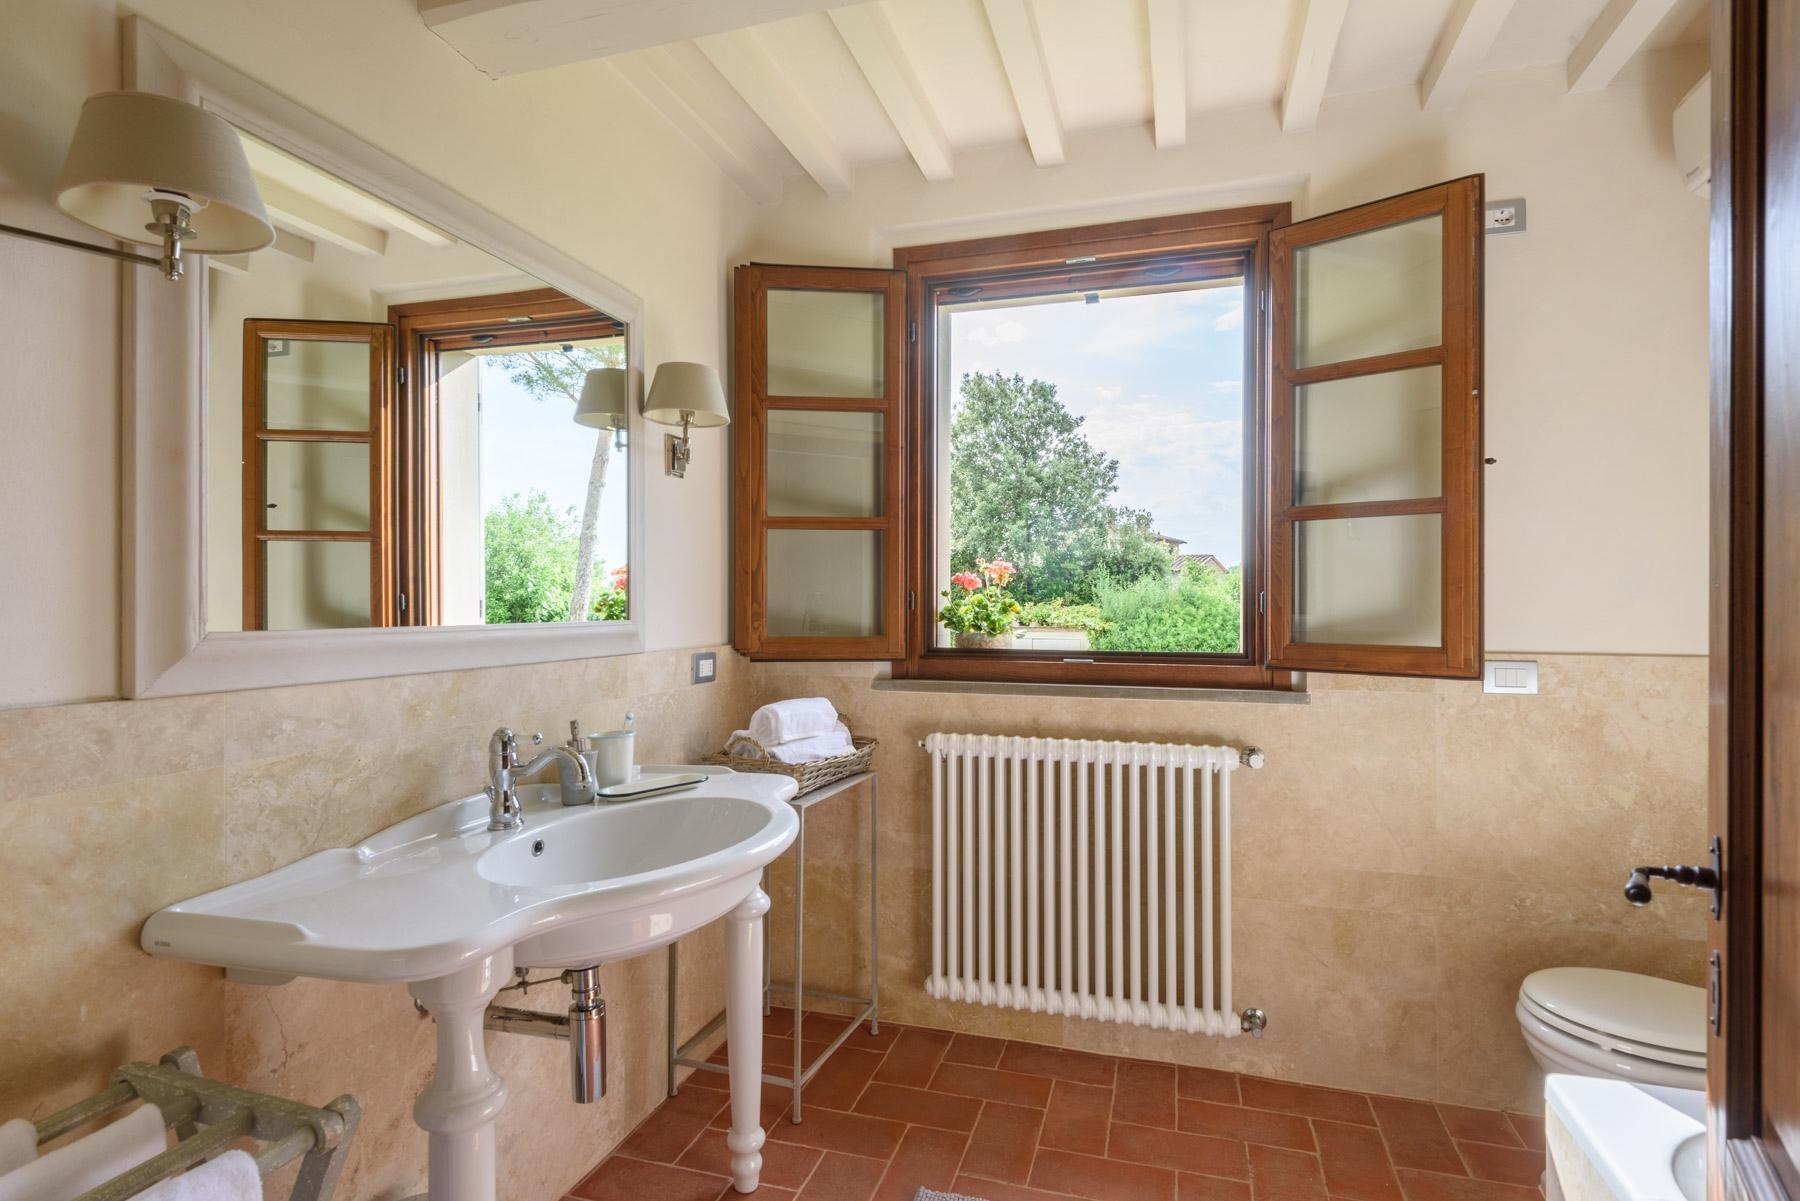 Villa in Vendita a Cortona: 5 locali, 246 mq - Foto 8